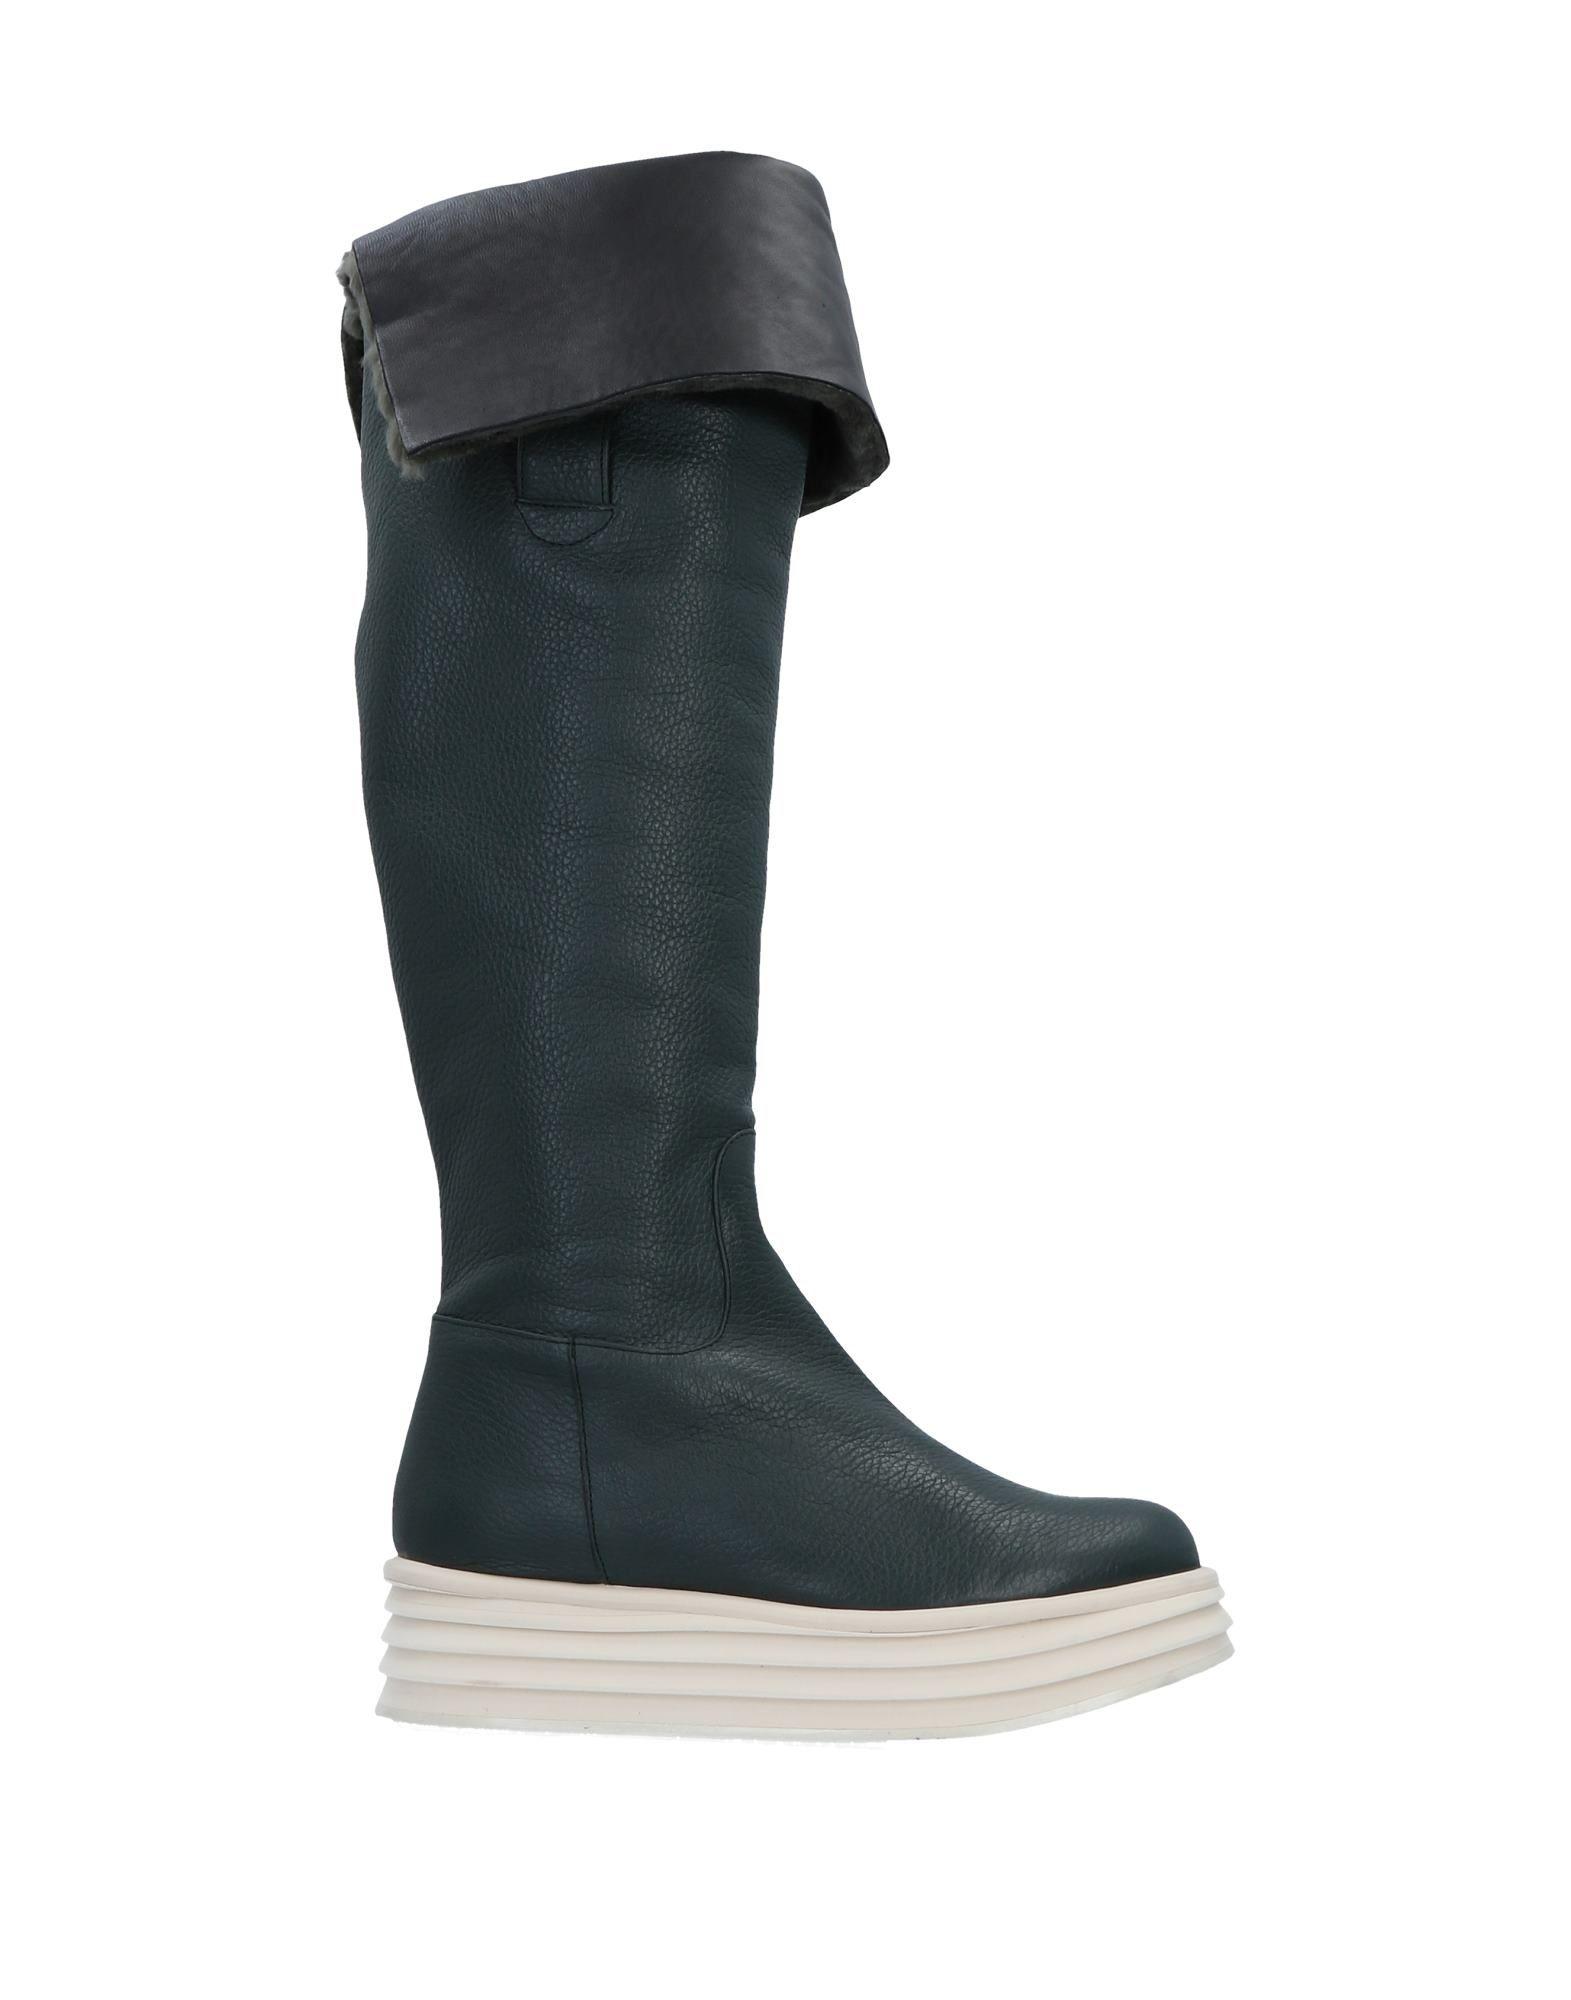 Paloma Barceló Stiefel Damen  11515928AEGut aussehende strapazierfähige Schuhe